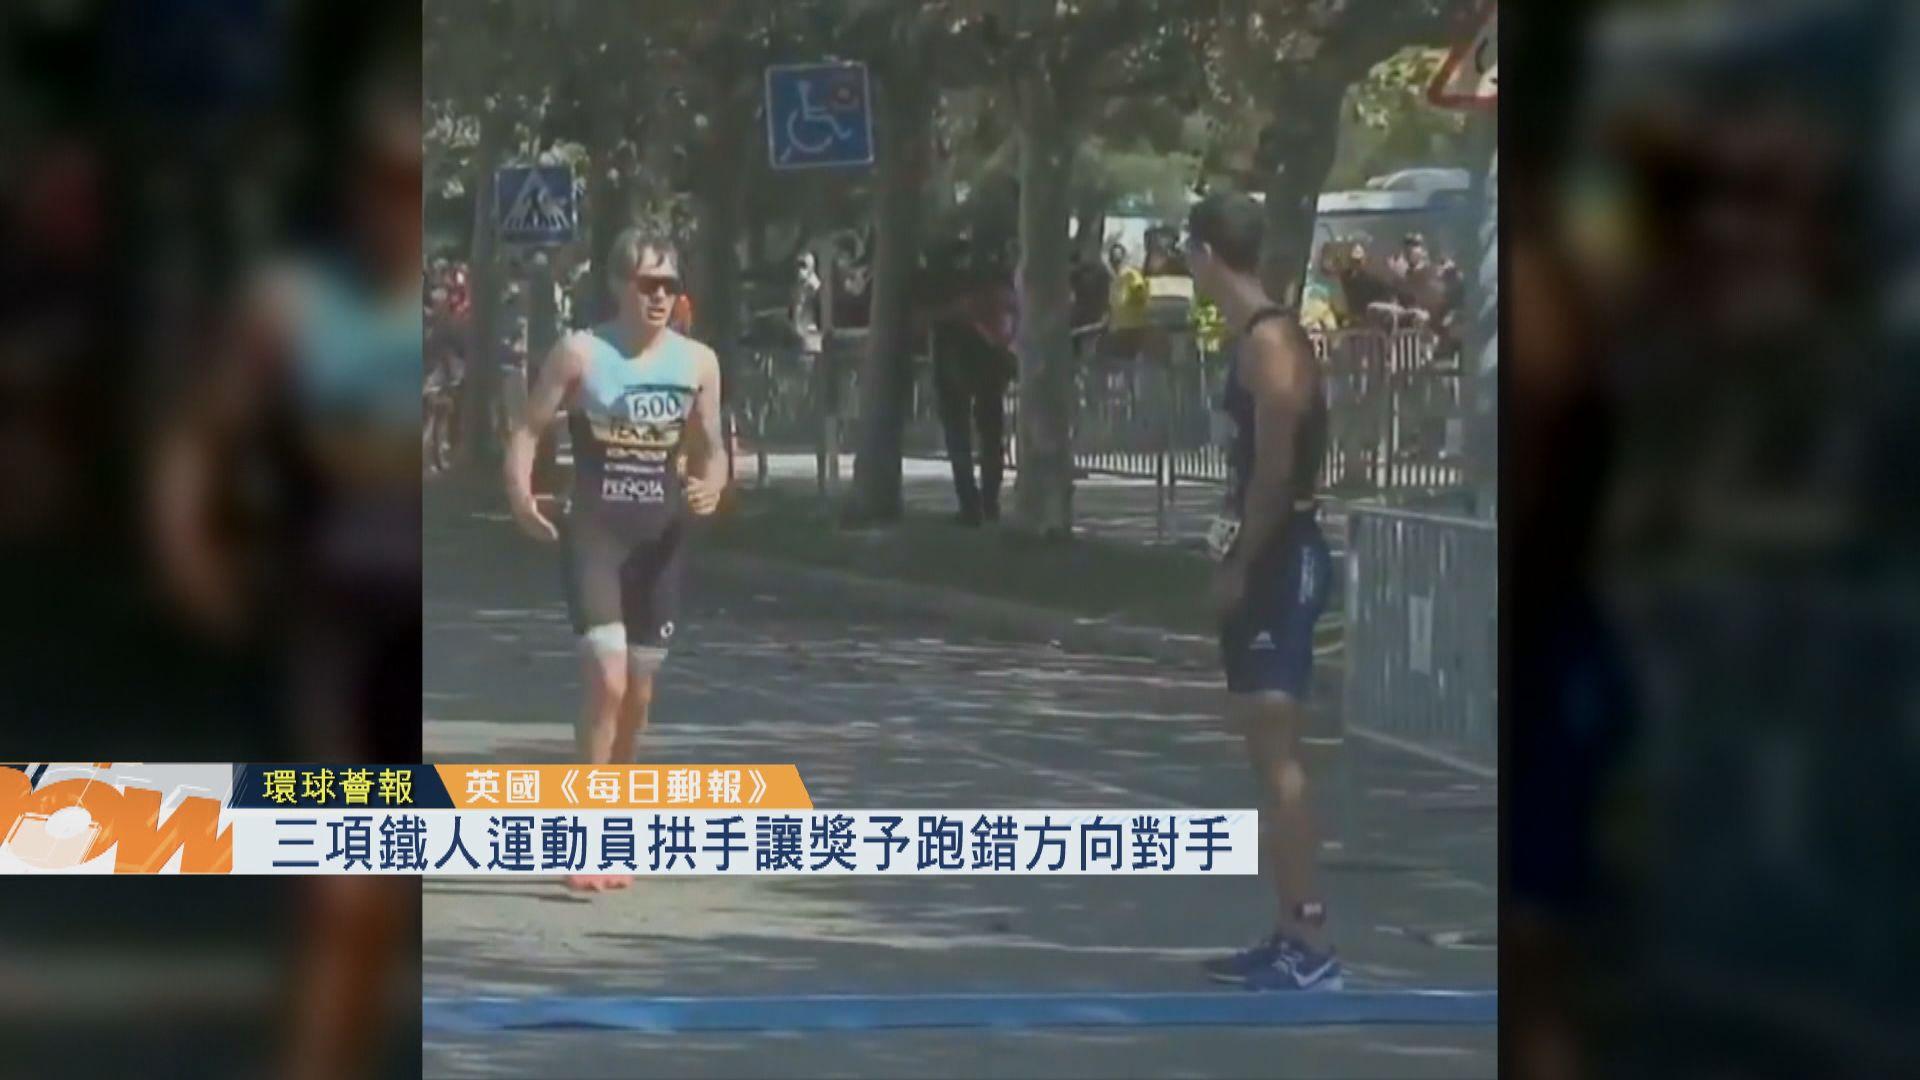 【環球薈報】三項鐵人運動員拱手讓獎予跑錯方向對手